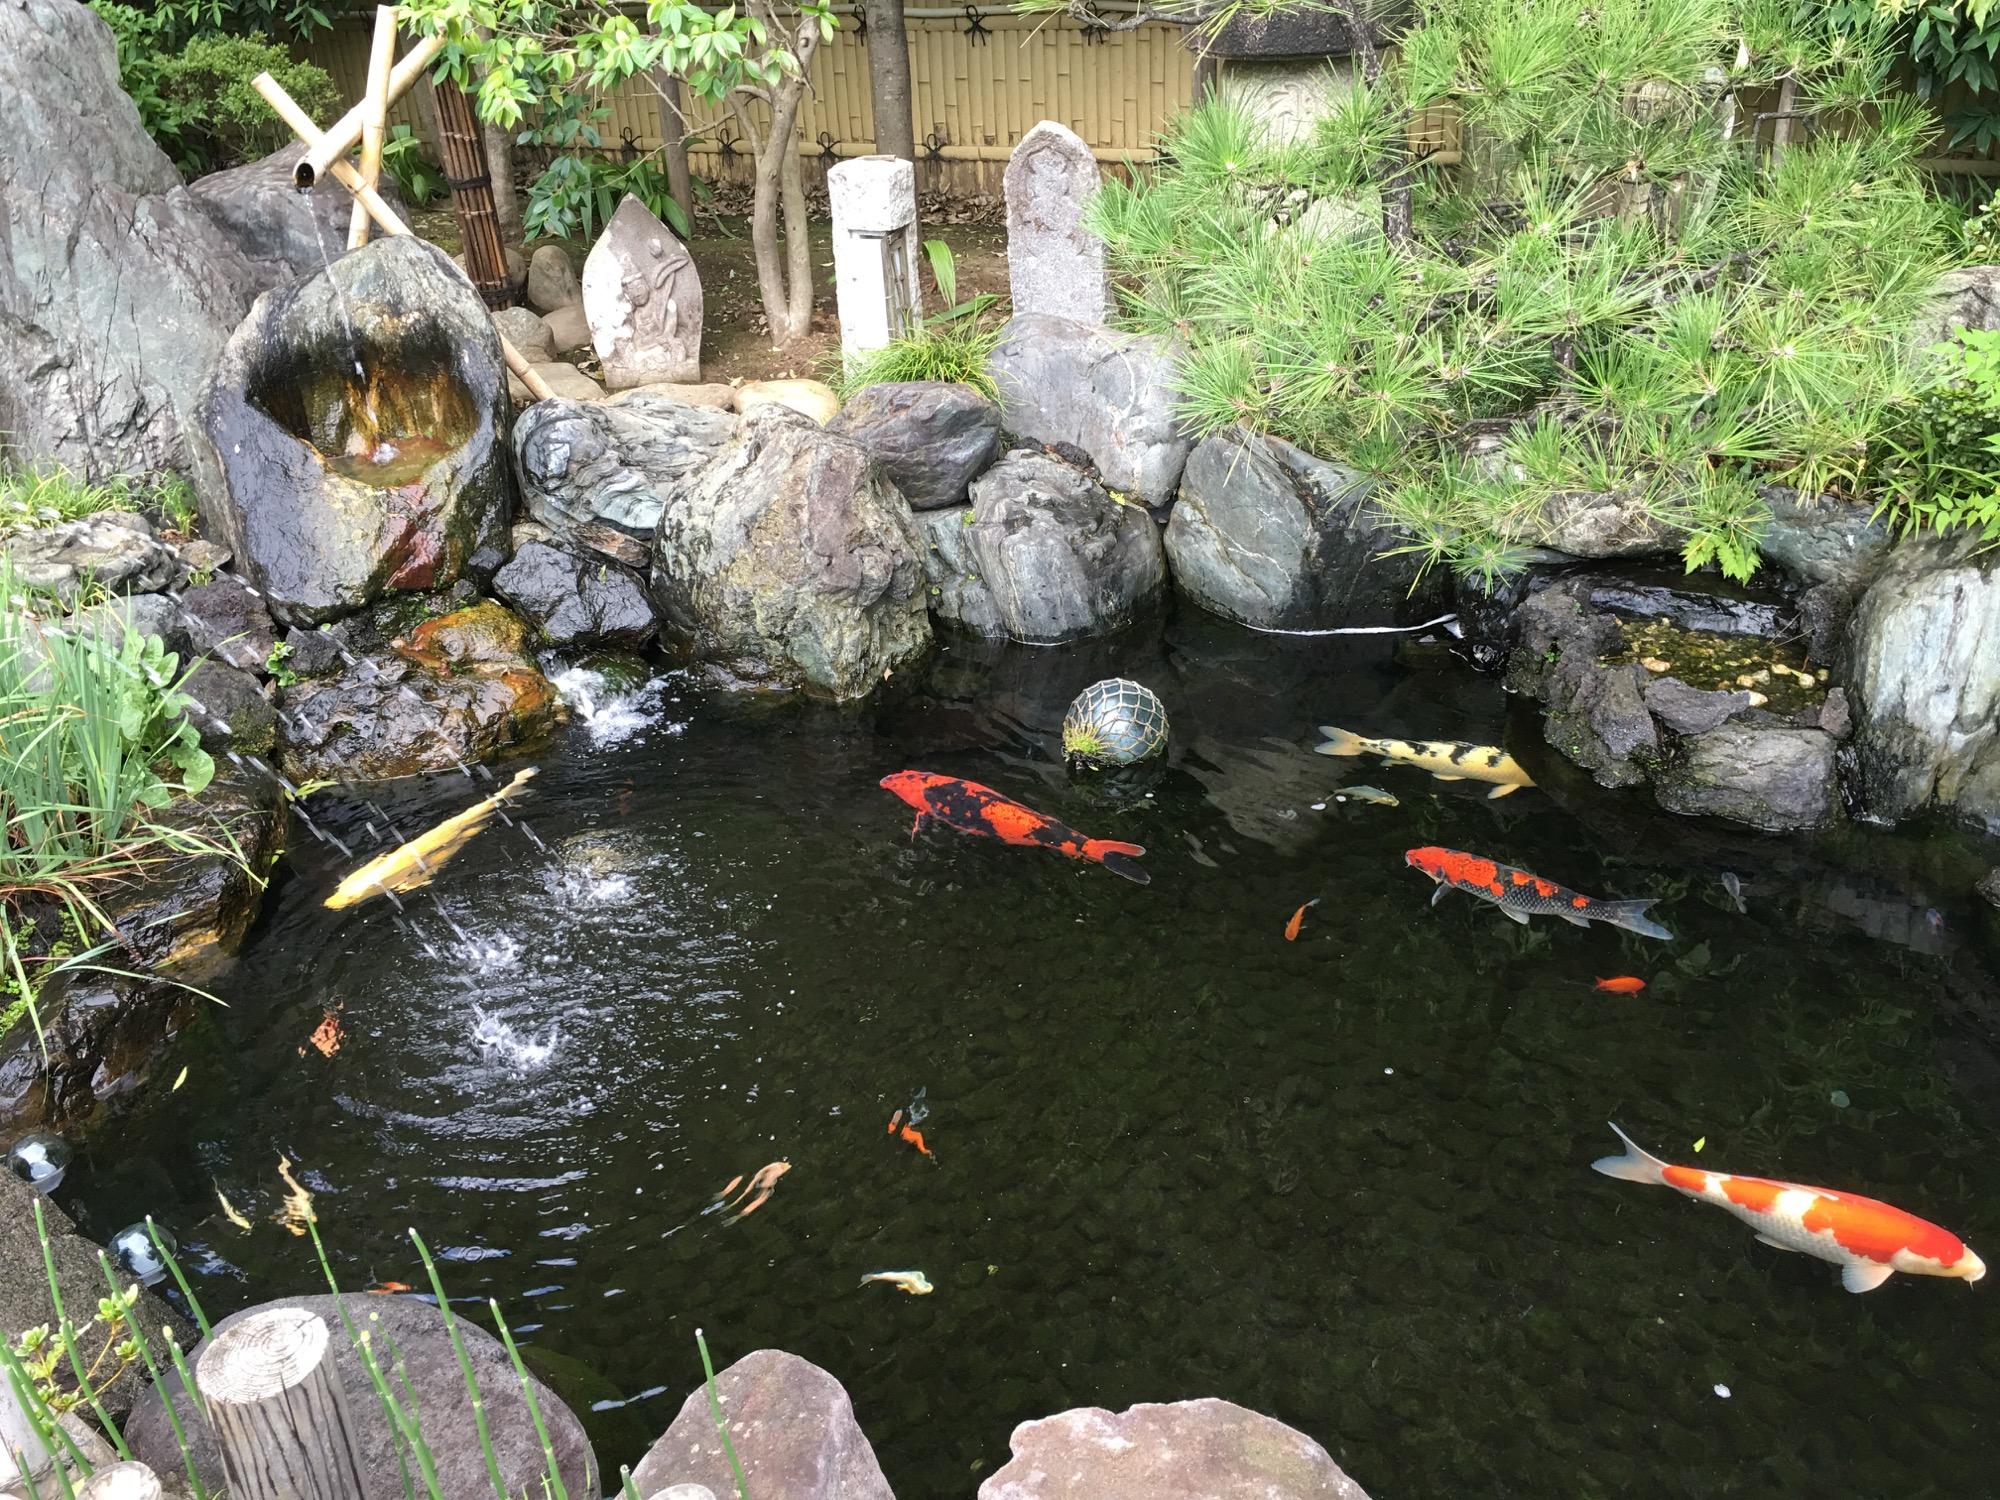 A koi pond at the shrine